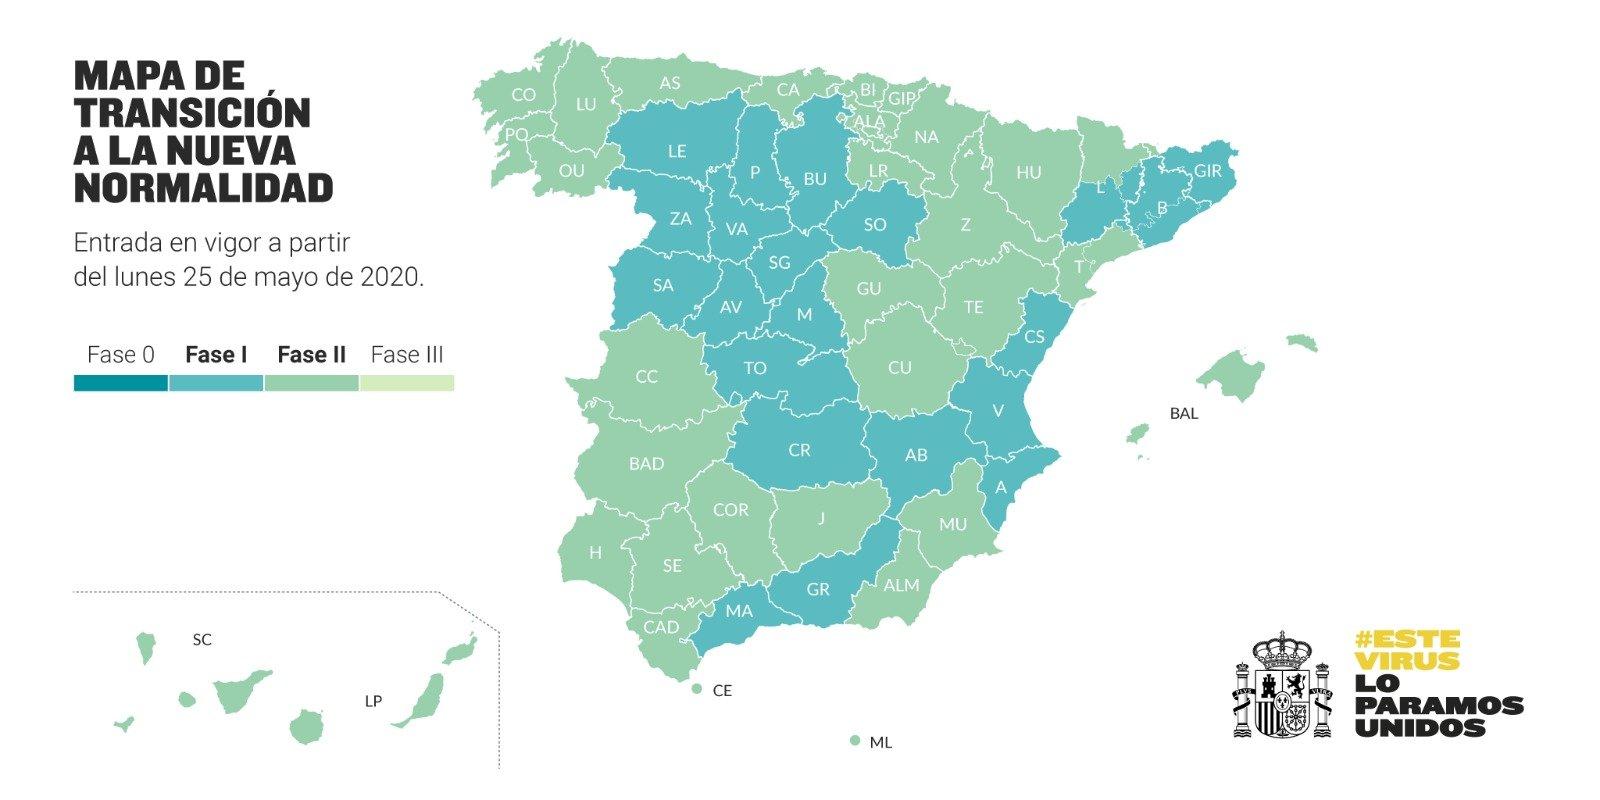 MAPA DE TRANSICIÓN A LA NUEVA NORMALIDAD - 25-05-2020